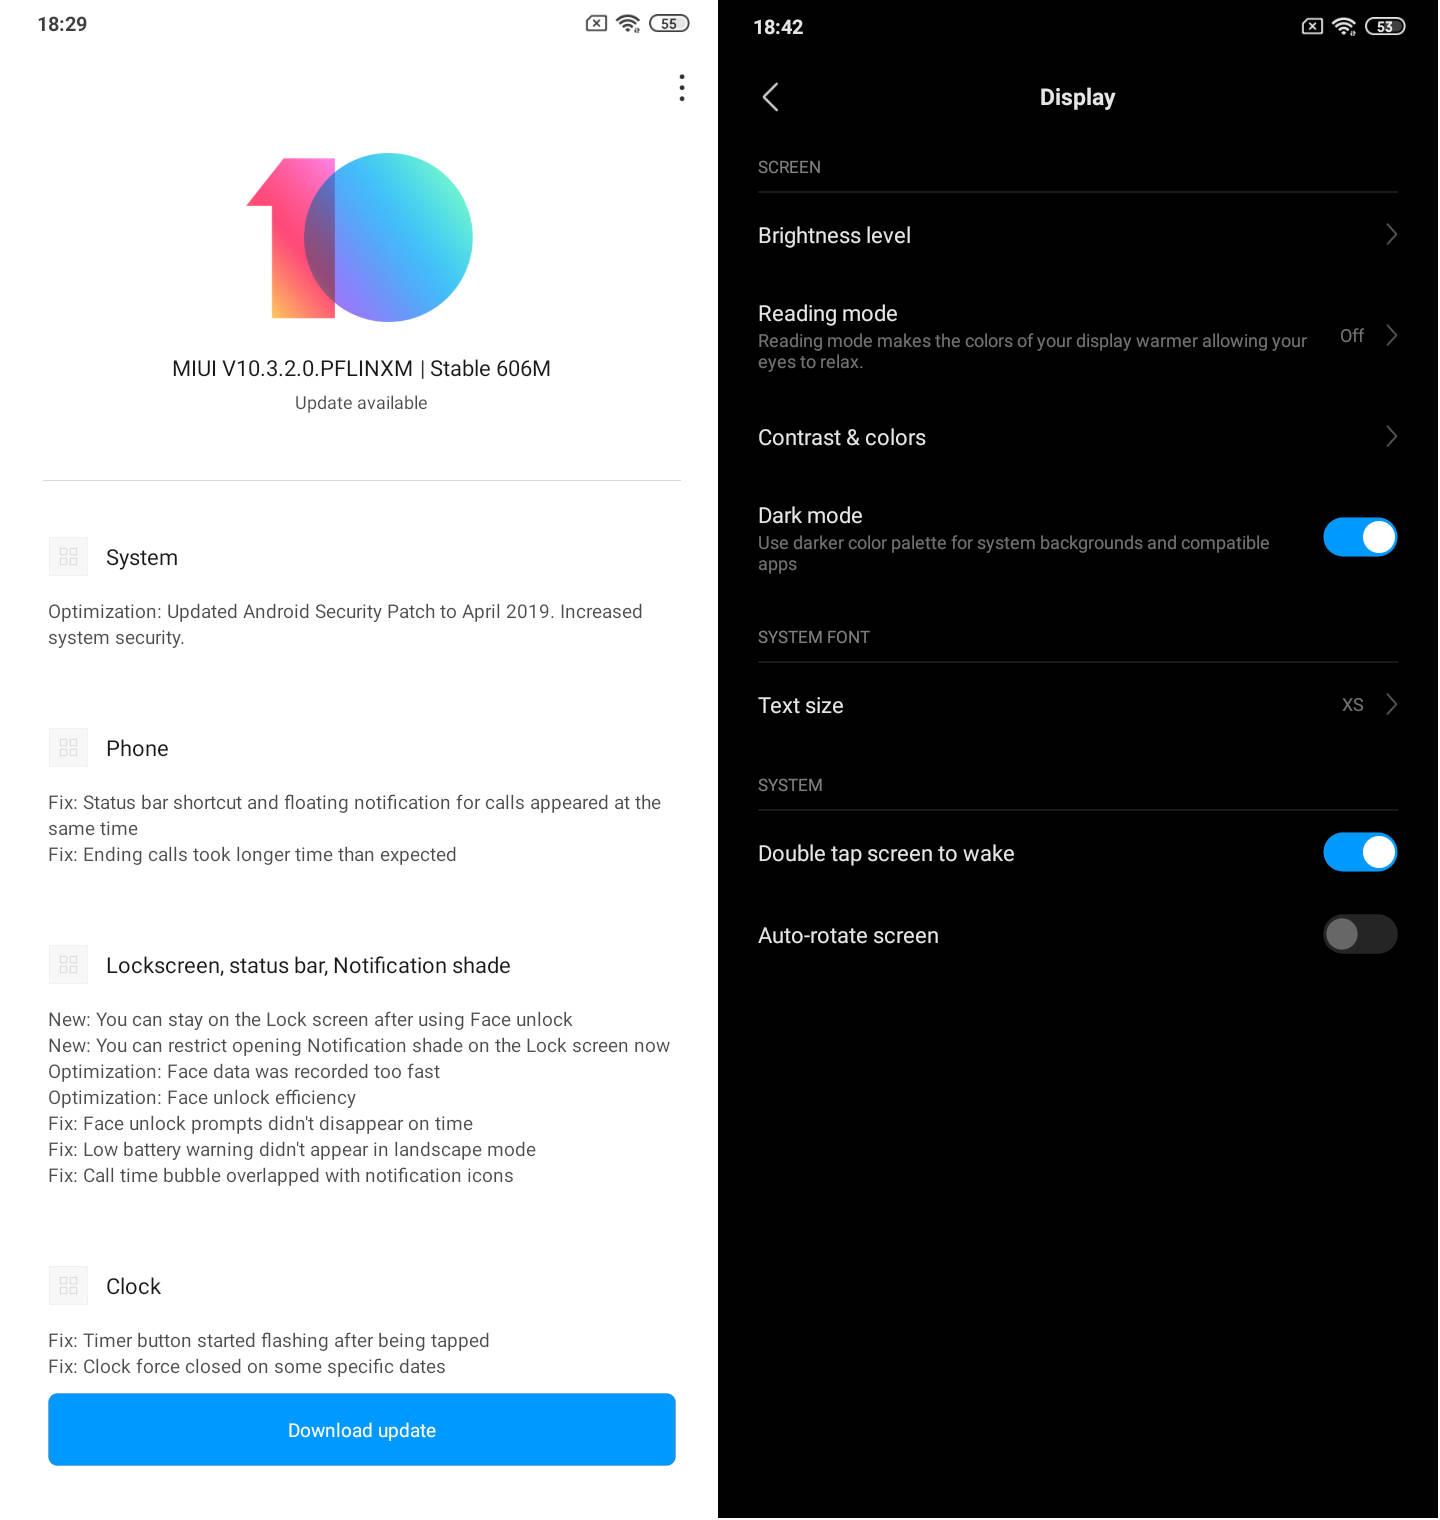 Xiaomi Redmi Note 7 aktualizacja MIUI 10.3.2.0 dark mode jak włączyć ciemny motyw